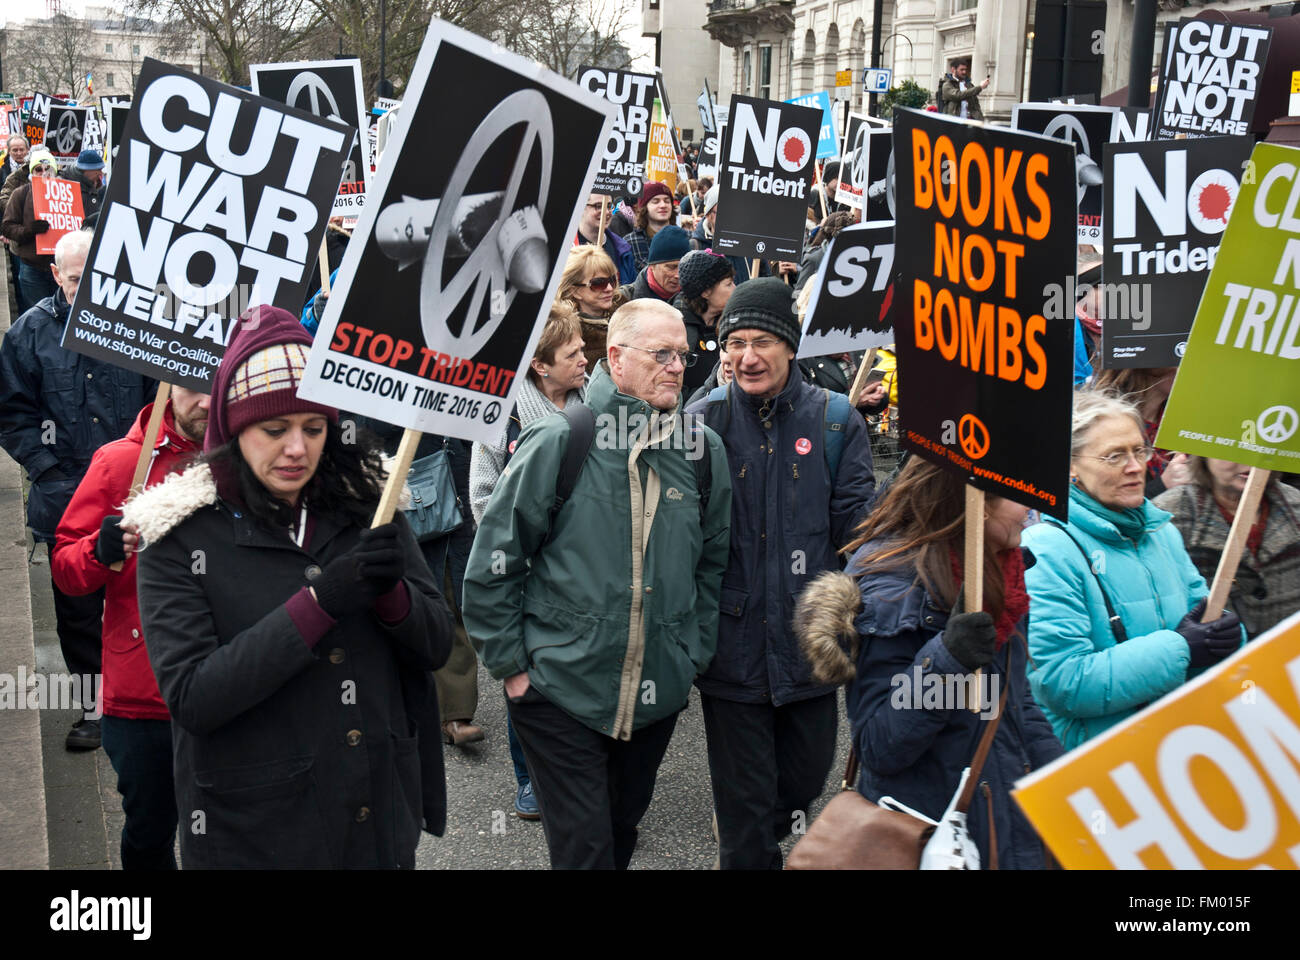 """Cde demo con carteles """"libros no bombas 'Stop' trident 'cortar la guerra no bienestar'. Londres Imagen De Stock"""